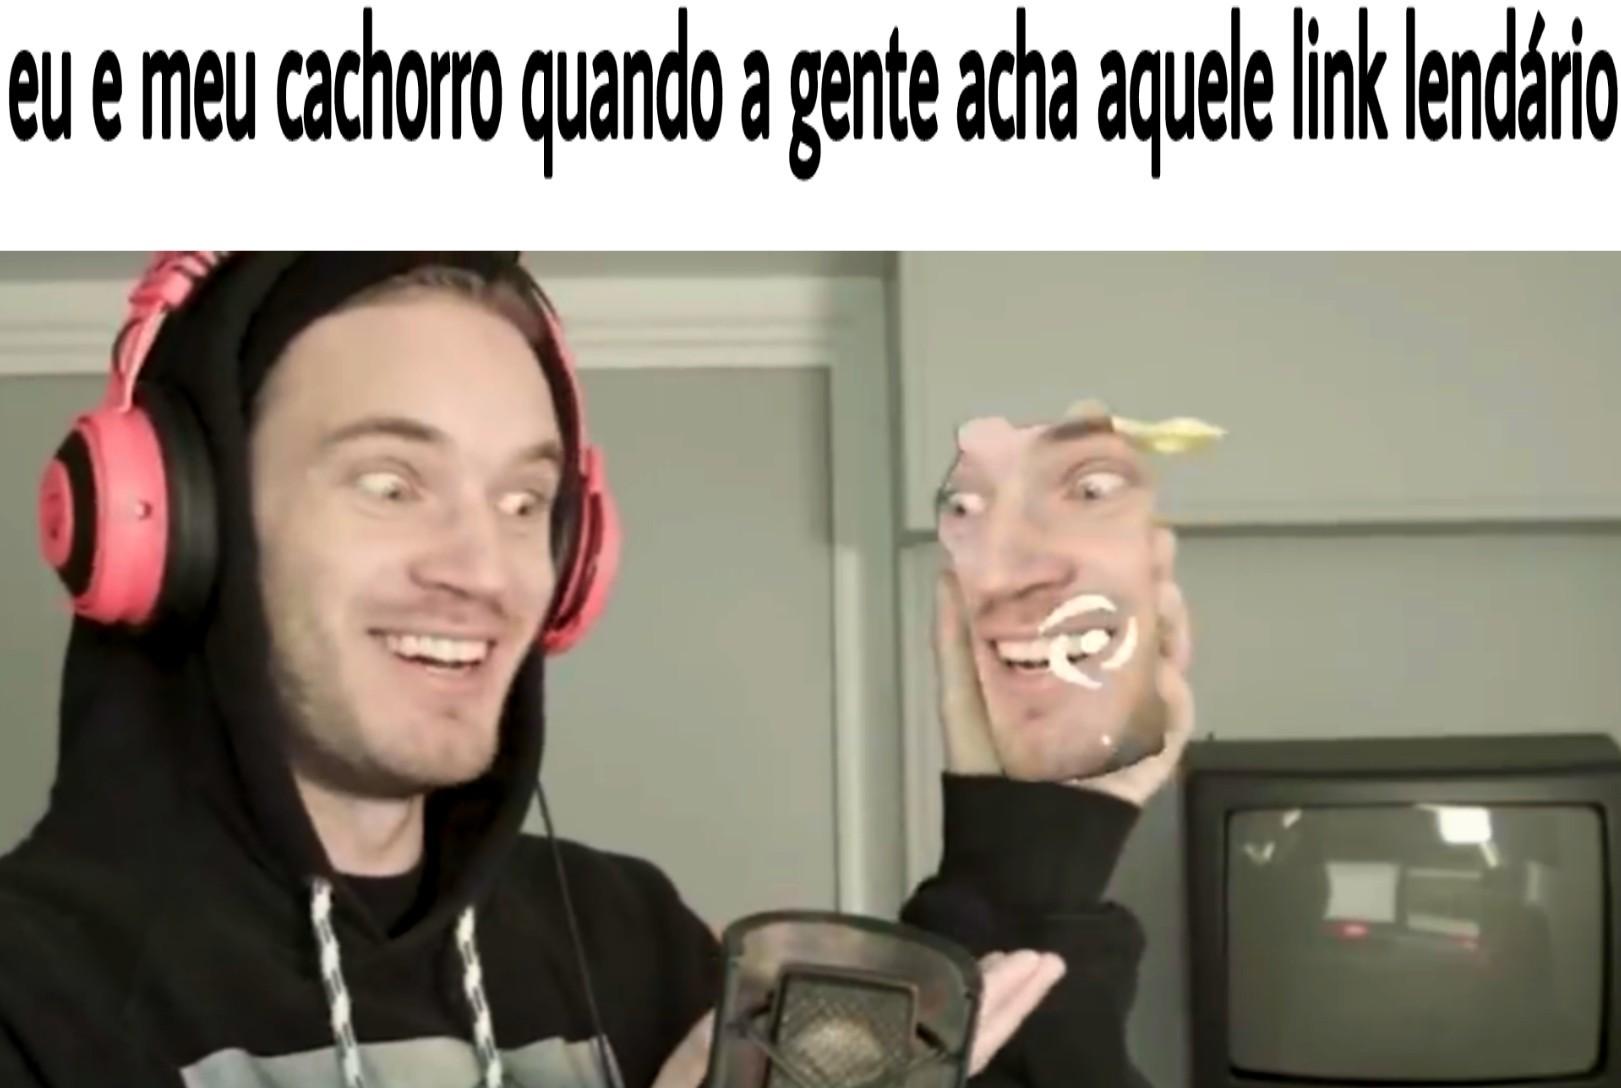 P E W D I E P I E - meme